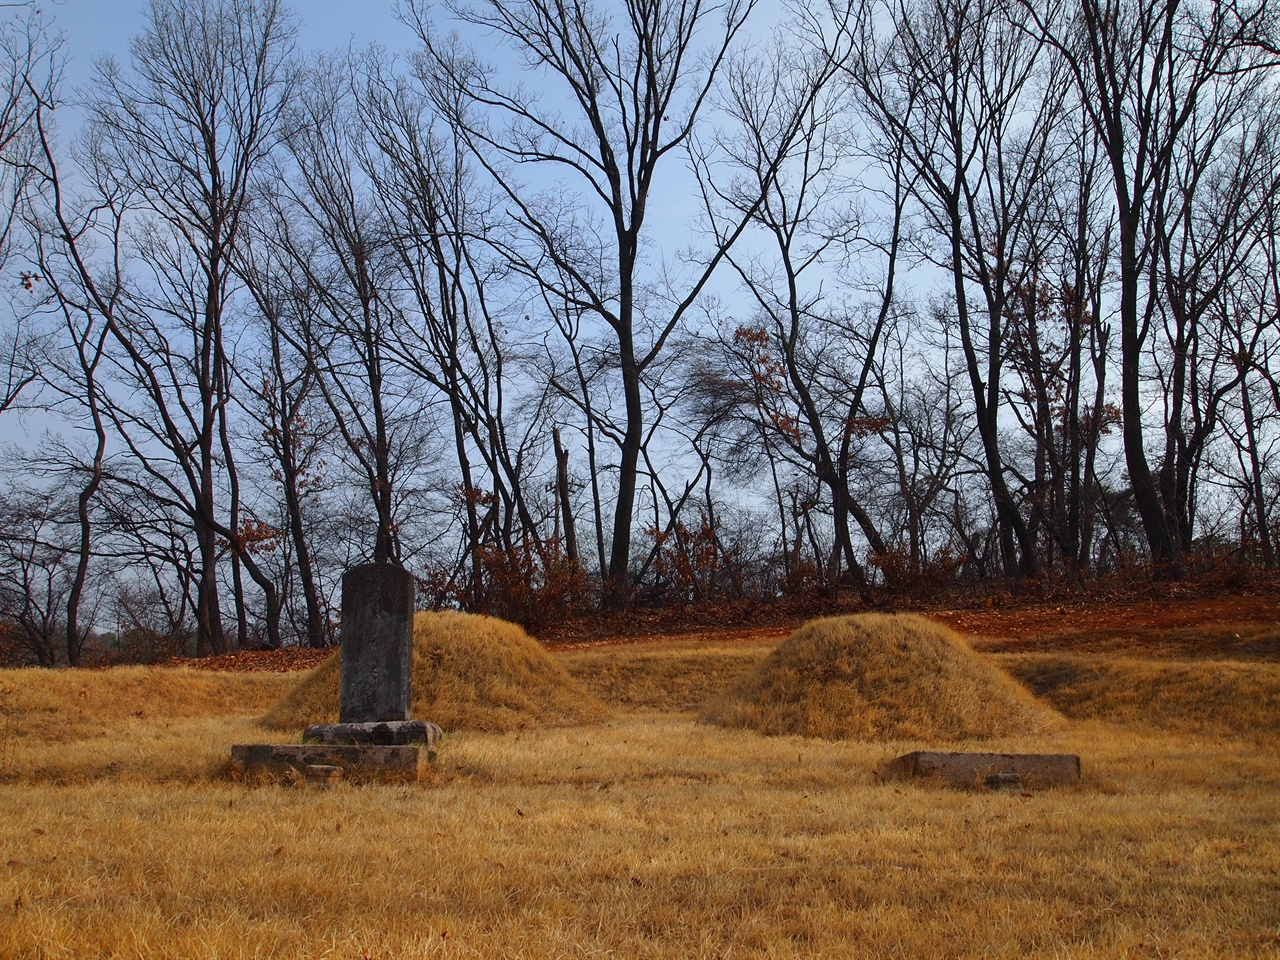 경선군과 경완군의 묘 소현세자와 민회빈 강씨의 아들인 경선군과 경완군의 묘, 지금은 군부대에 둘러싸여 있다.